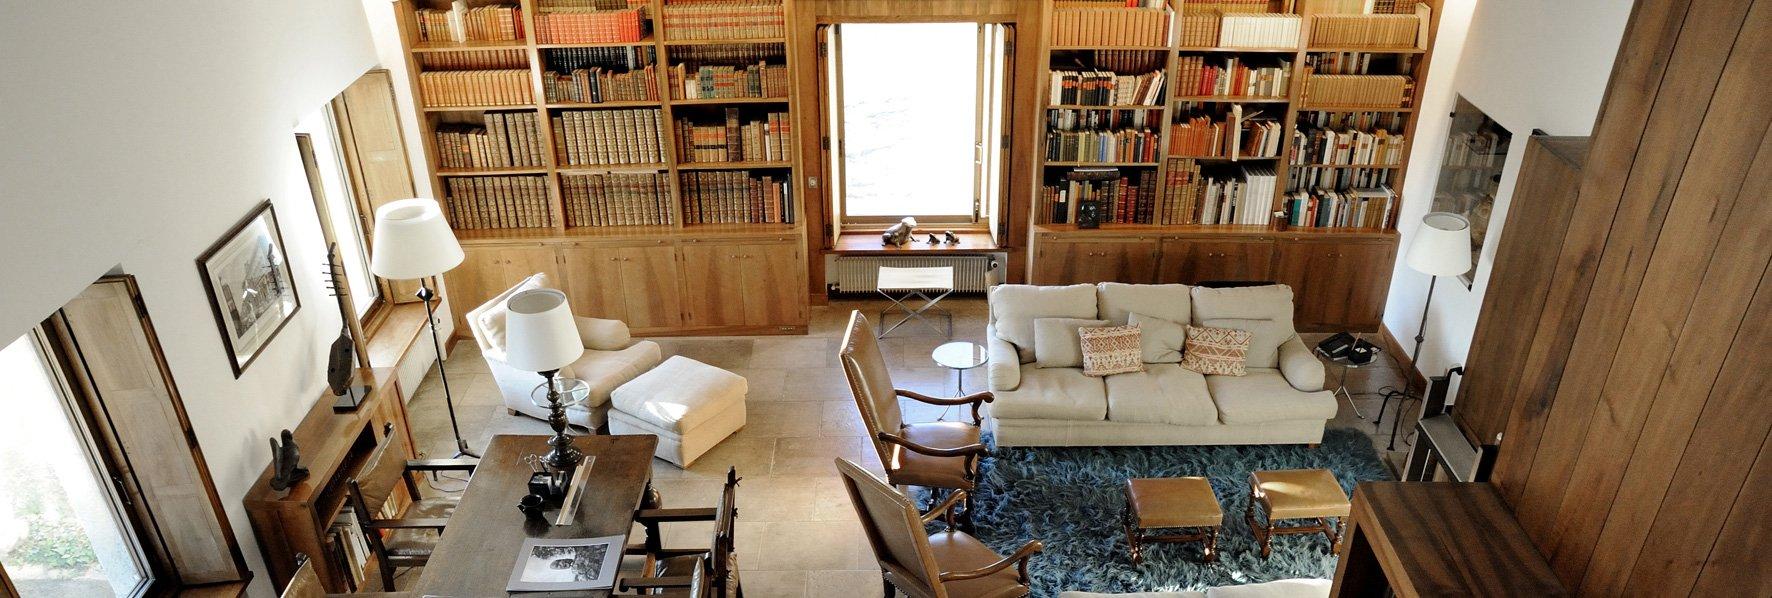 Bibliothèque de Barjeantane © Dominique Laugé